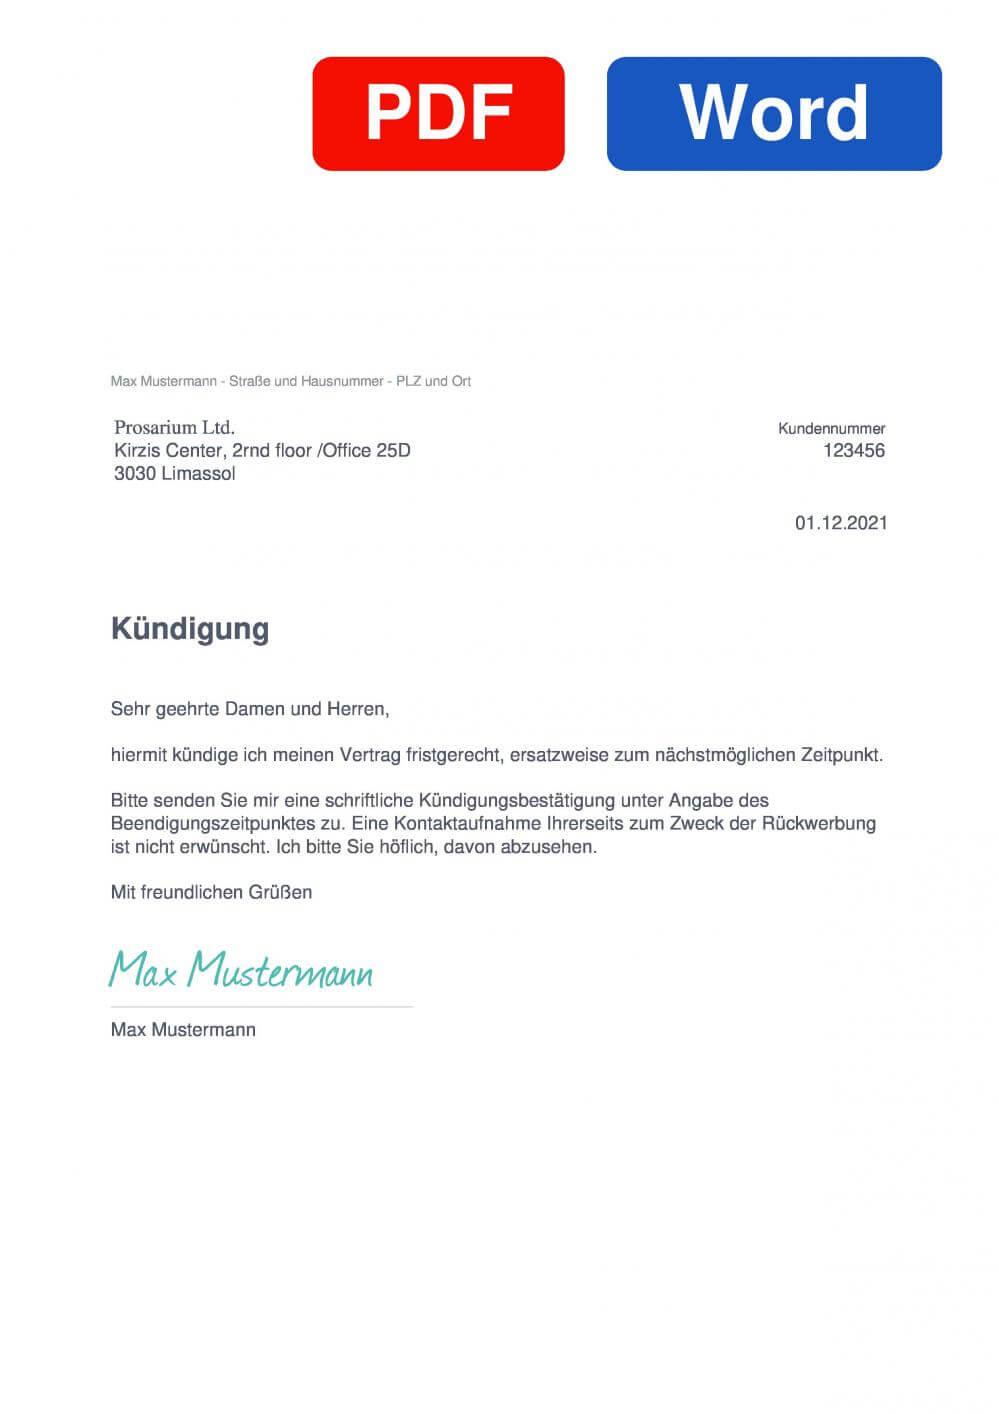 RentenChancePlus Muster Vorlage für Kündigungsschreiben